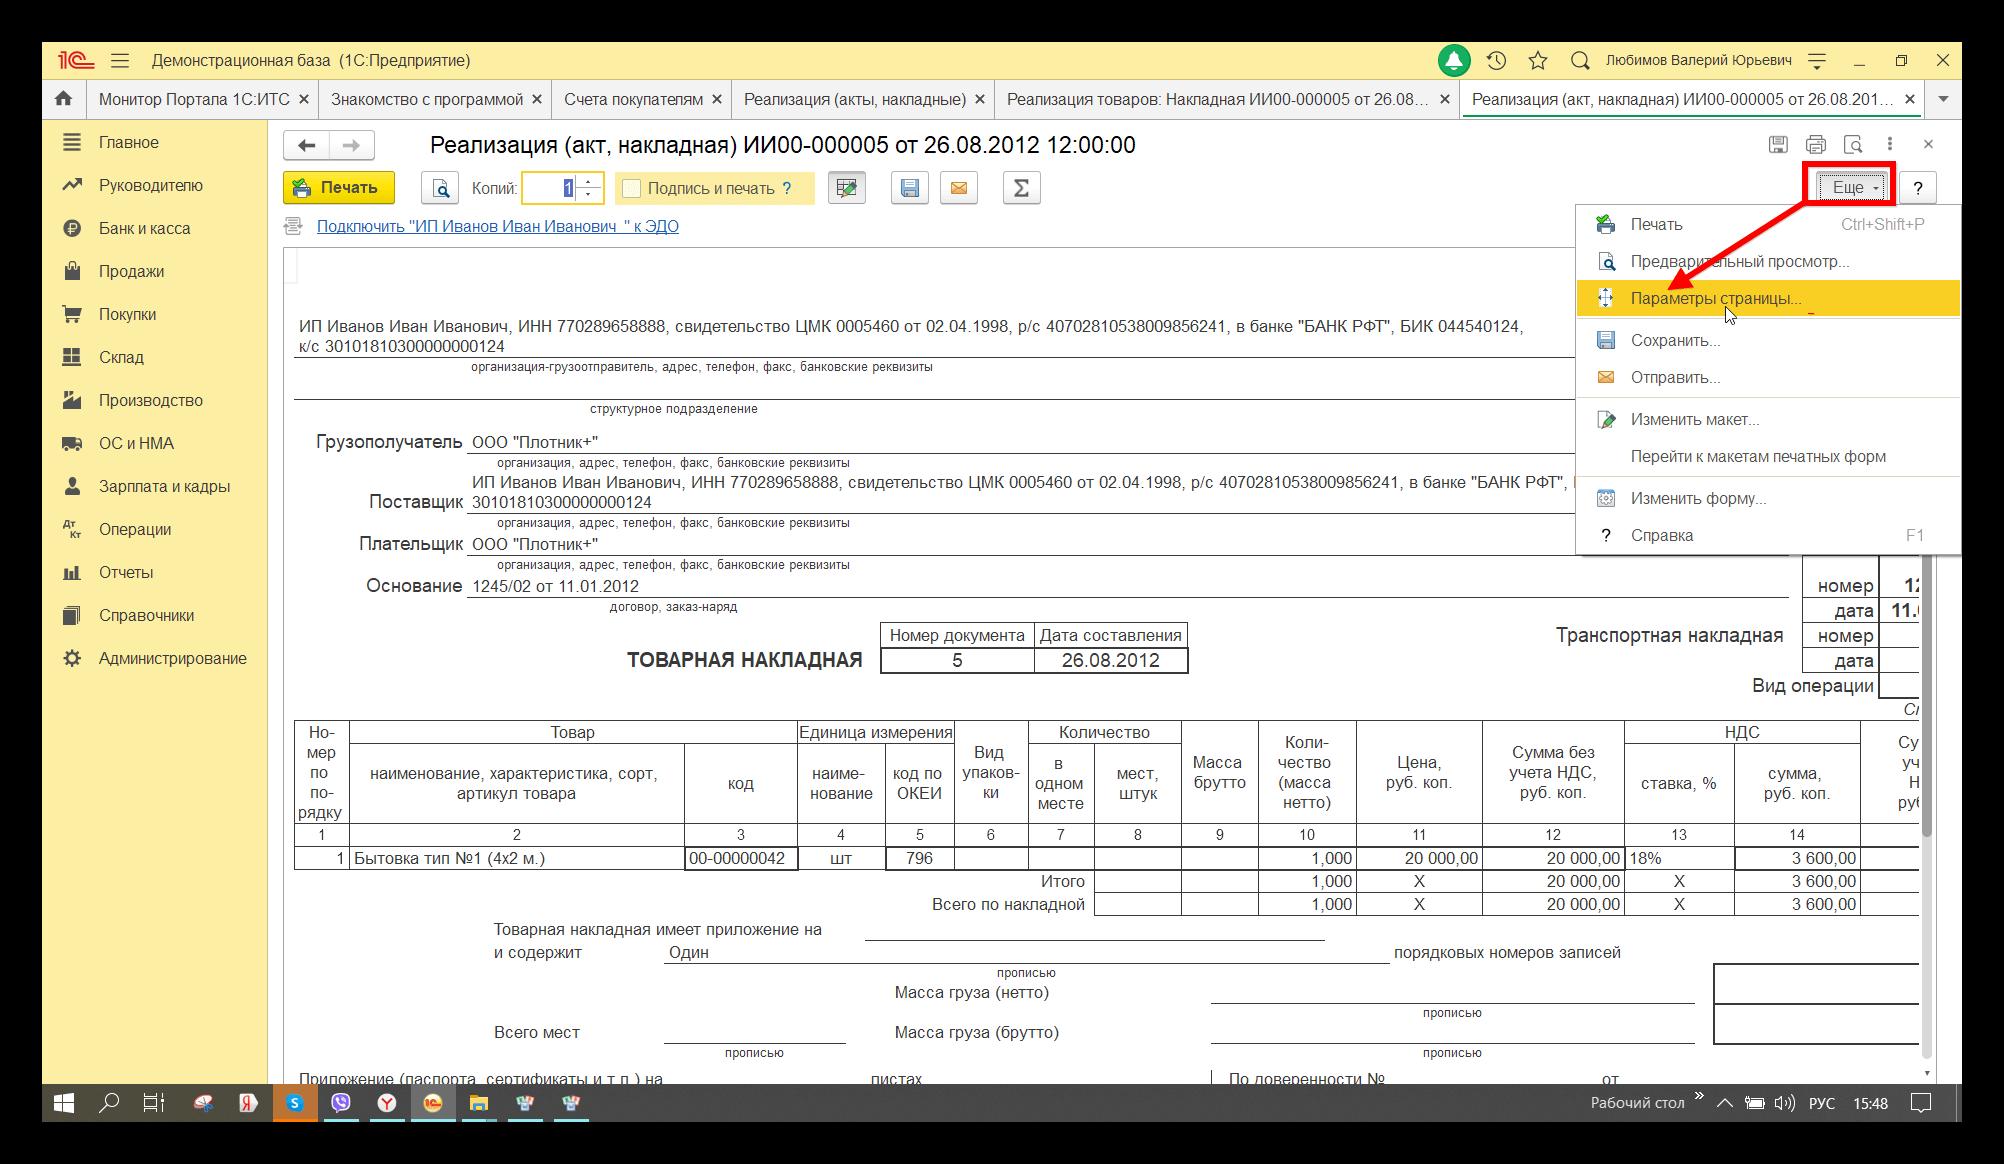 Параметры страницы в 1С Бухгалтерия, ред. 3.0